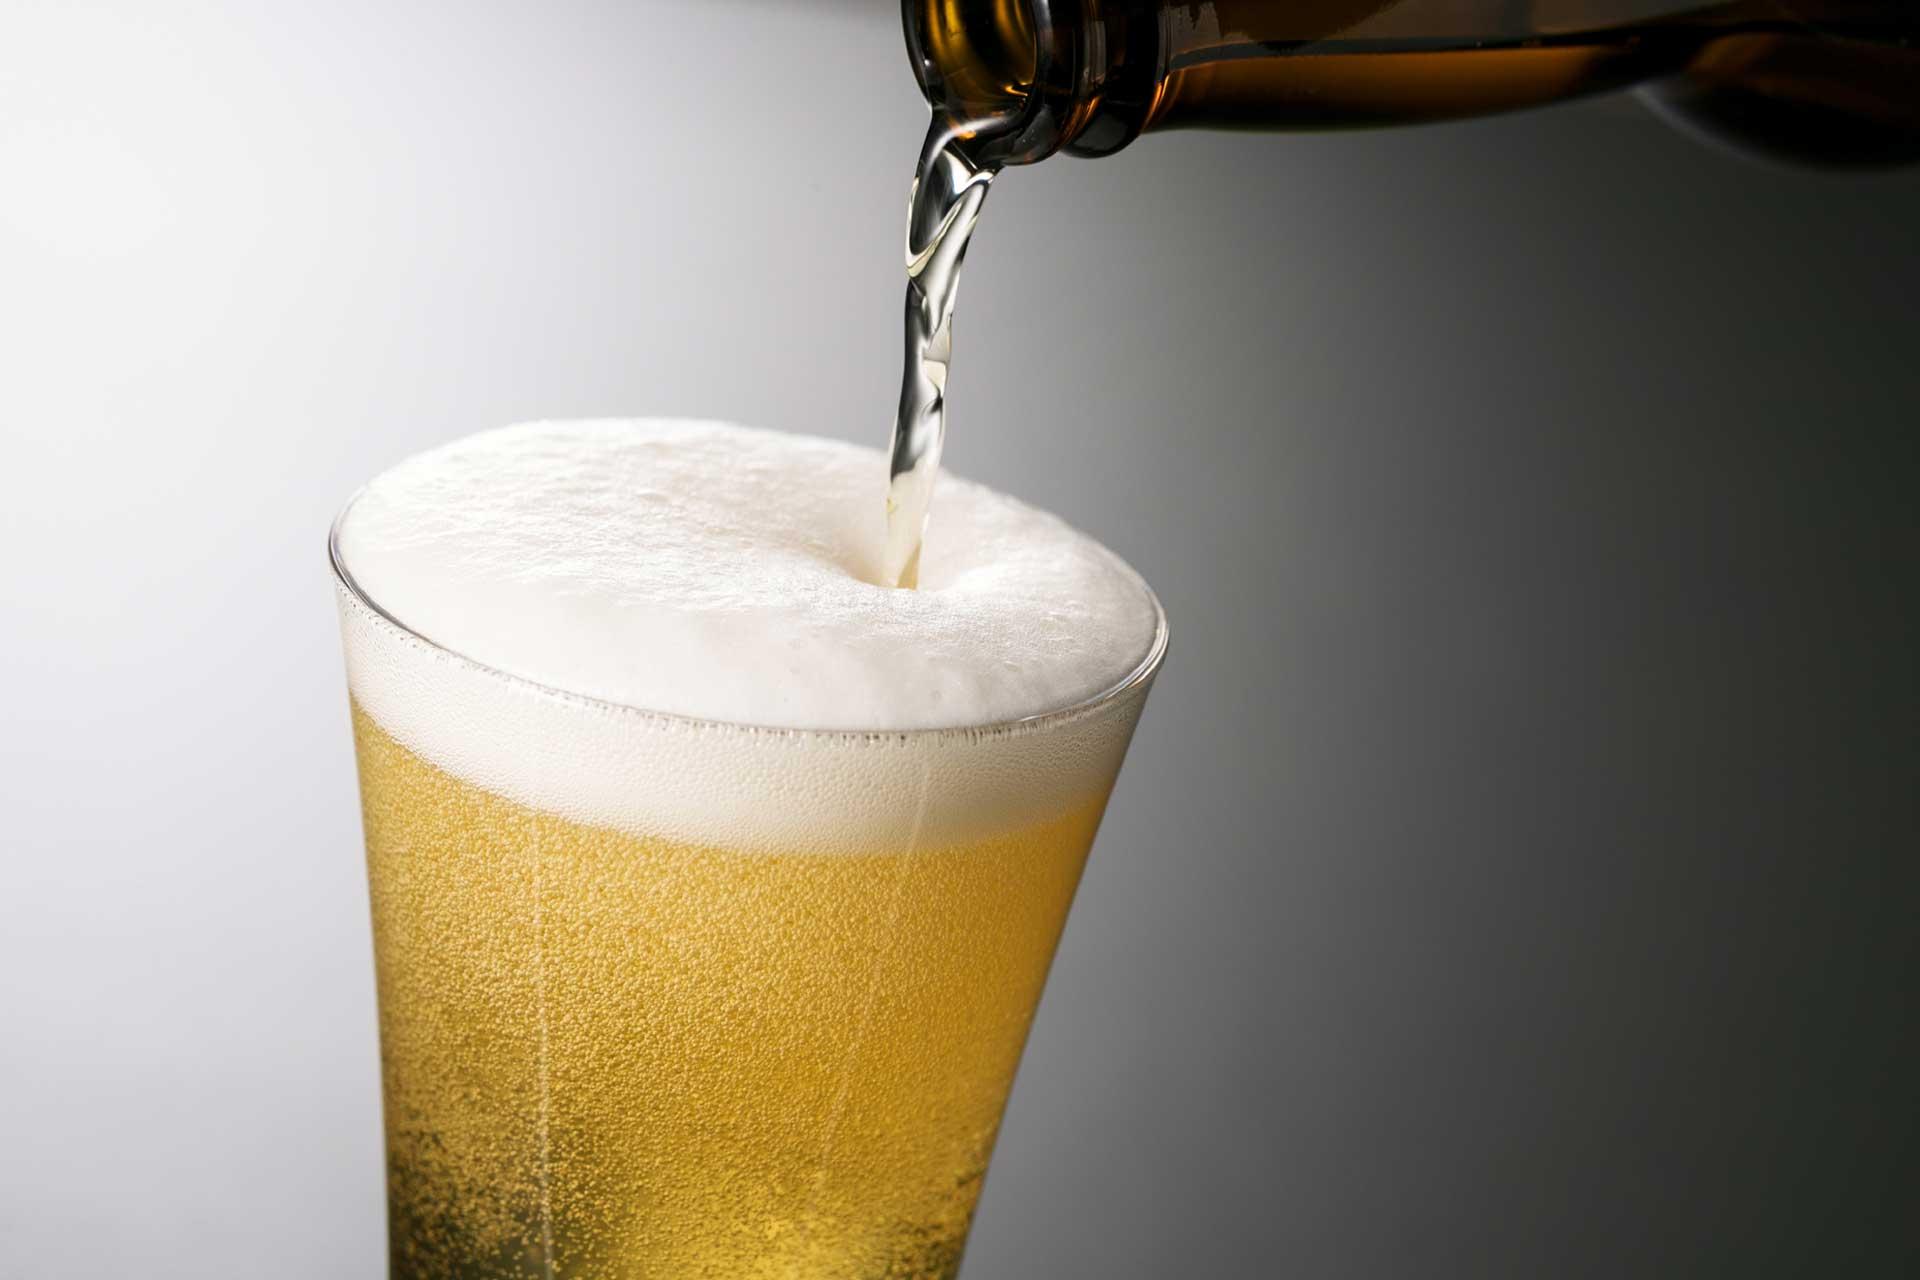 川場ビールおもてなしセットの商品詳細イメージ-585